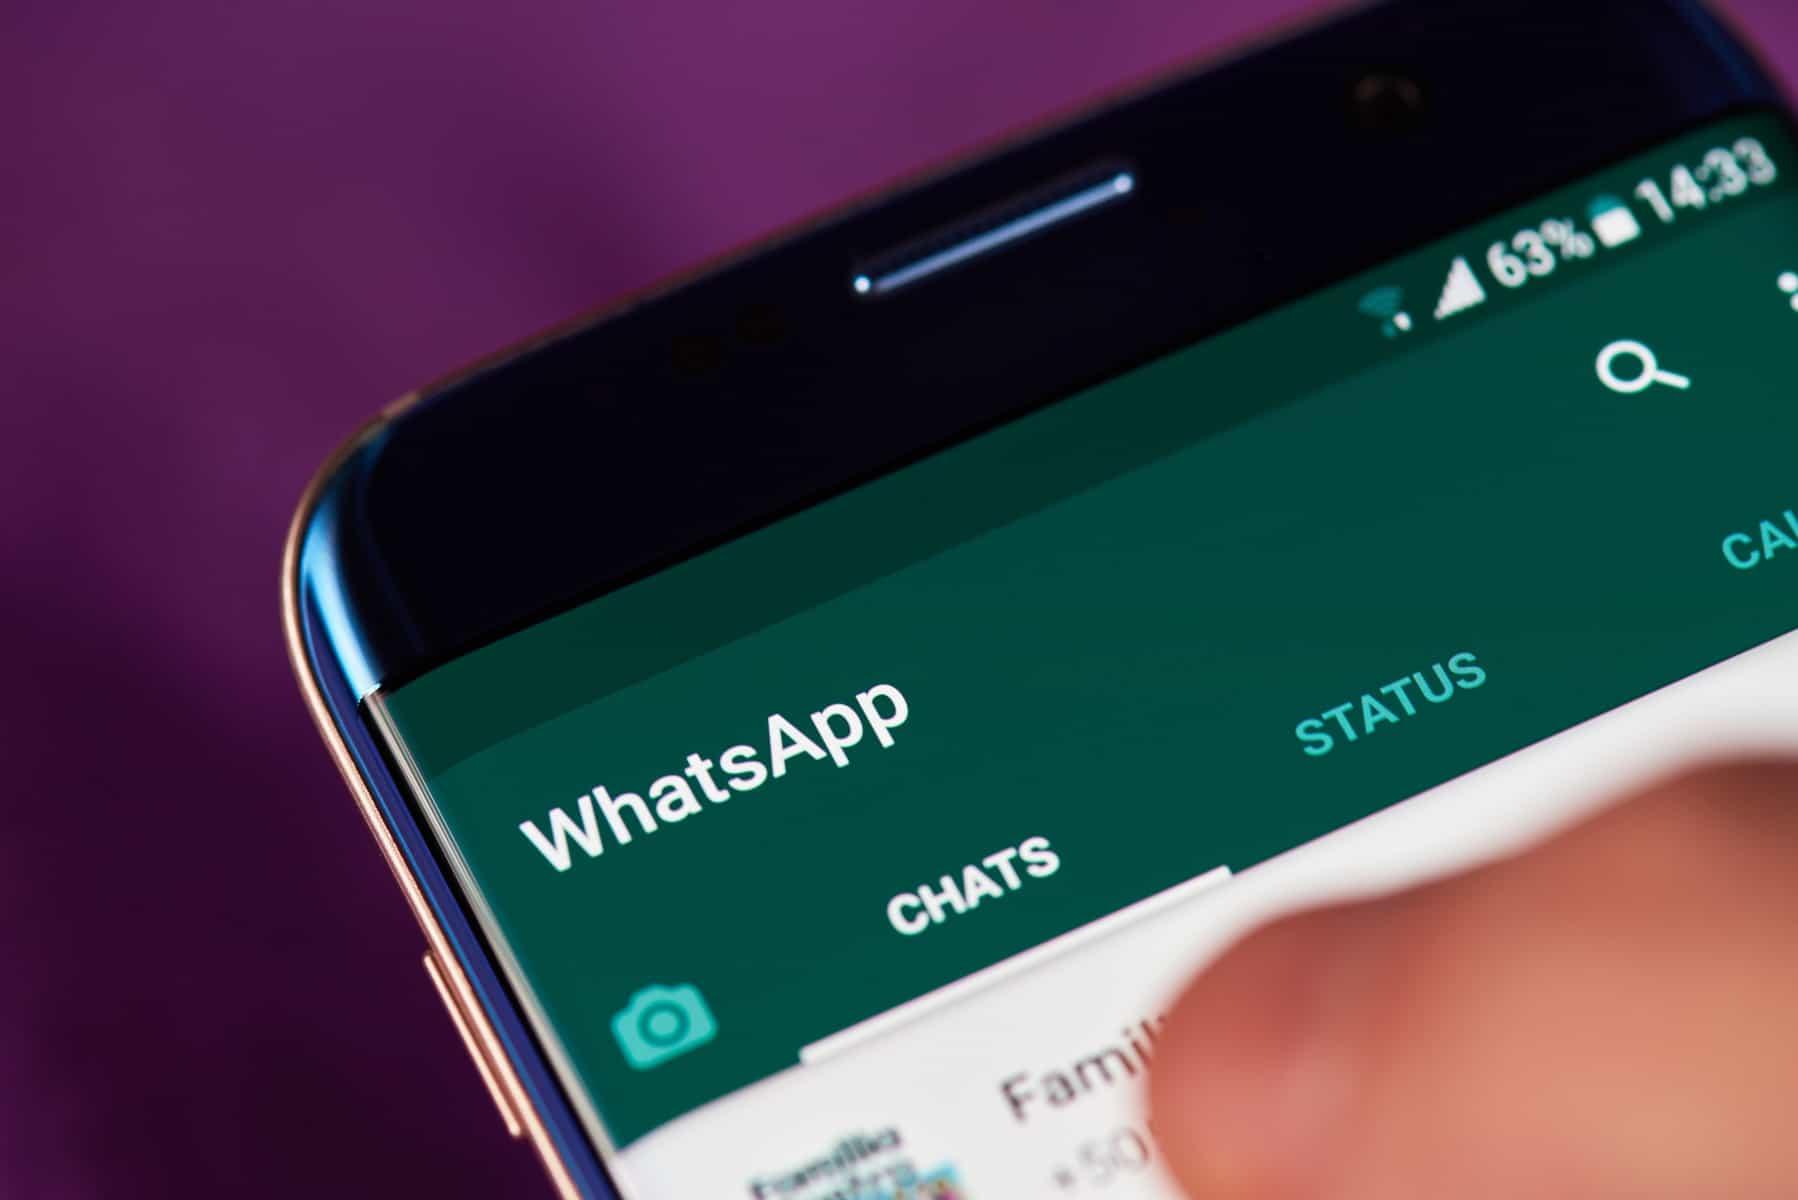 Tips Menghindari Modus Penipuan Online Di Whatsapp